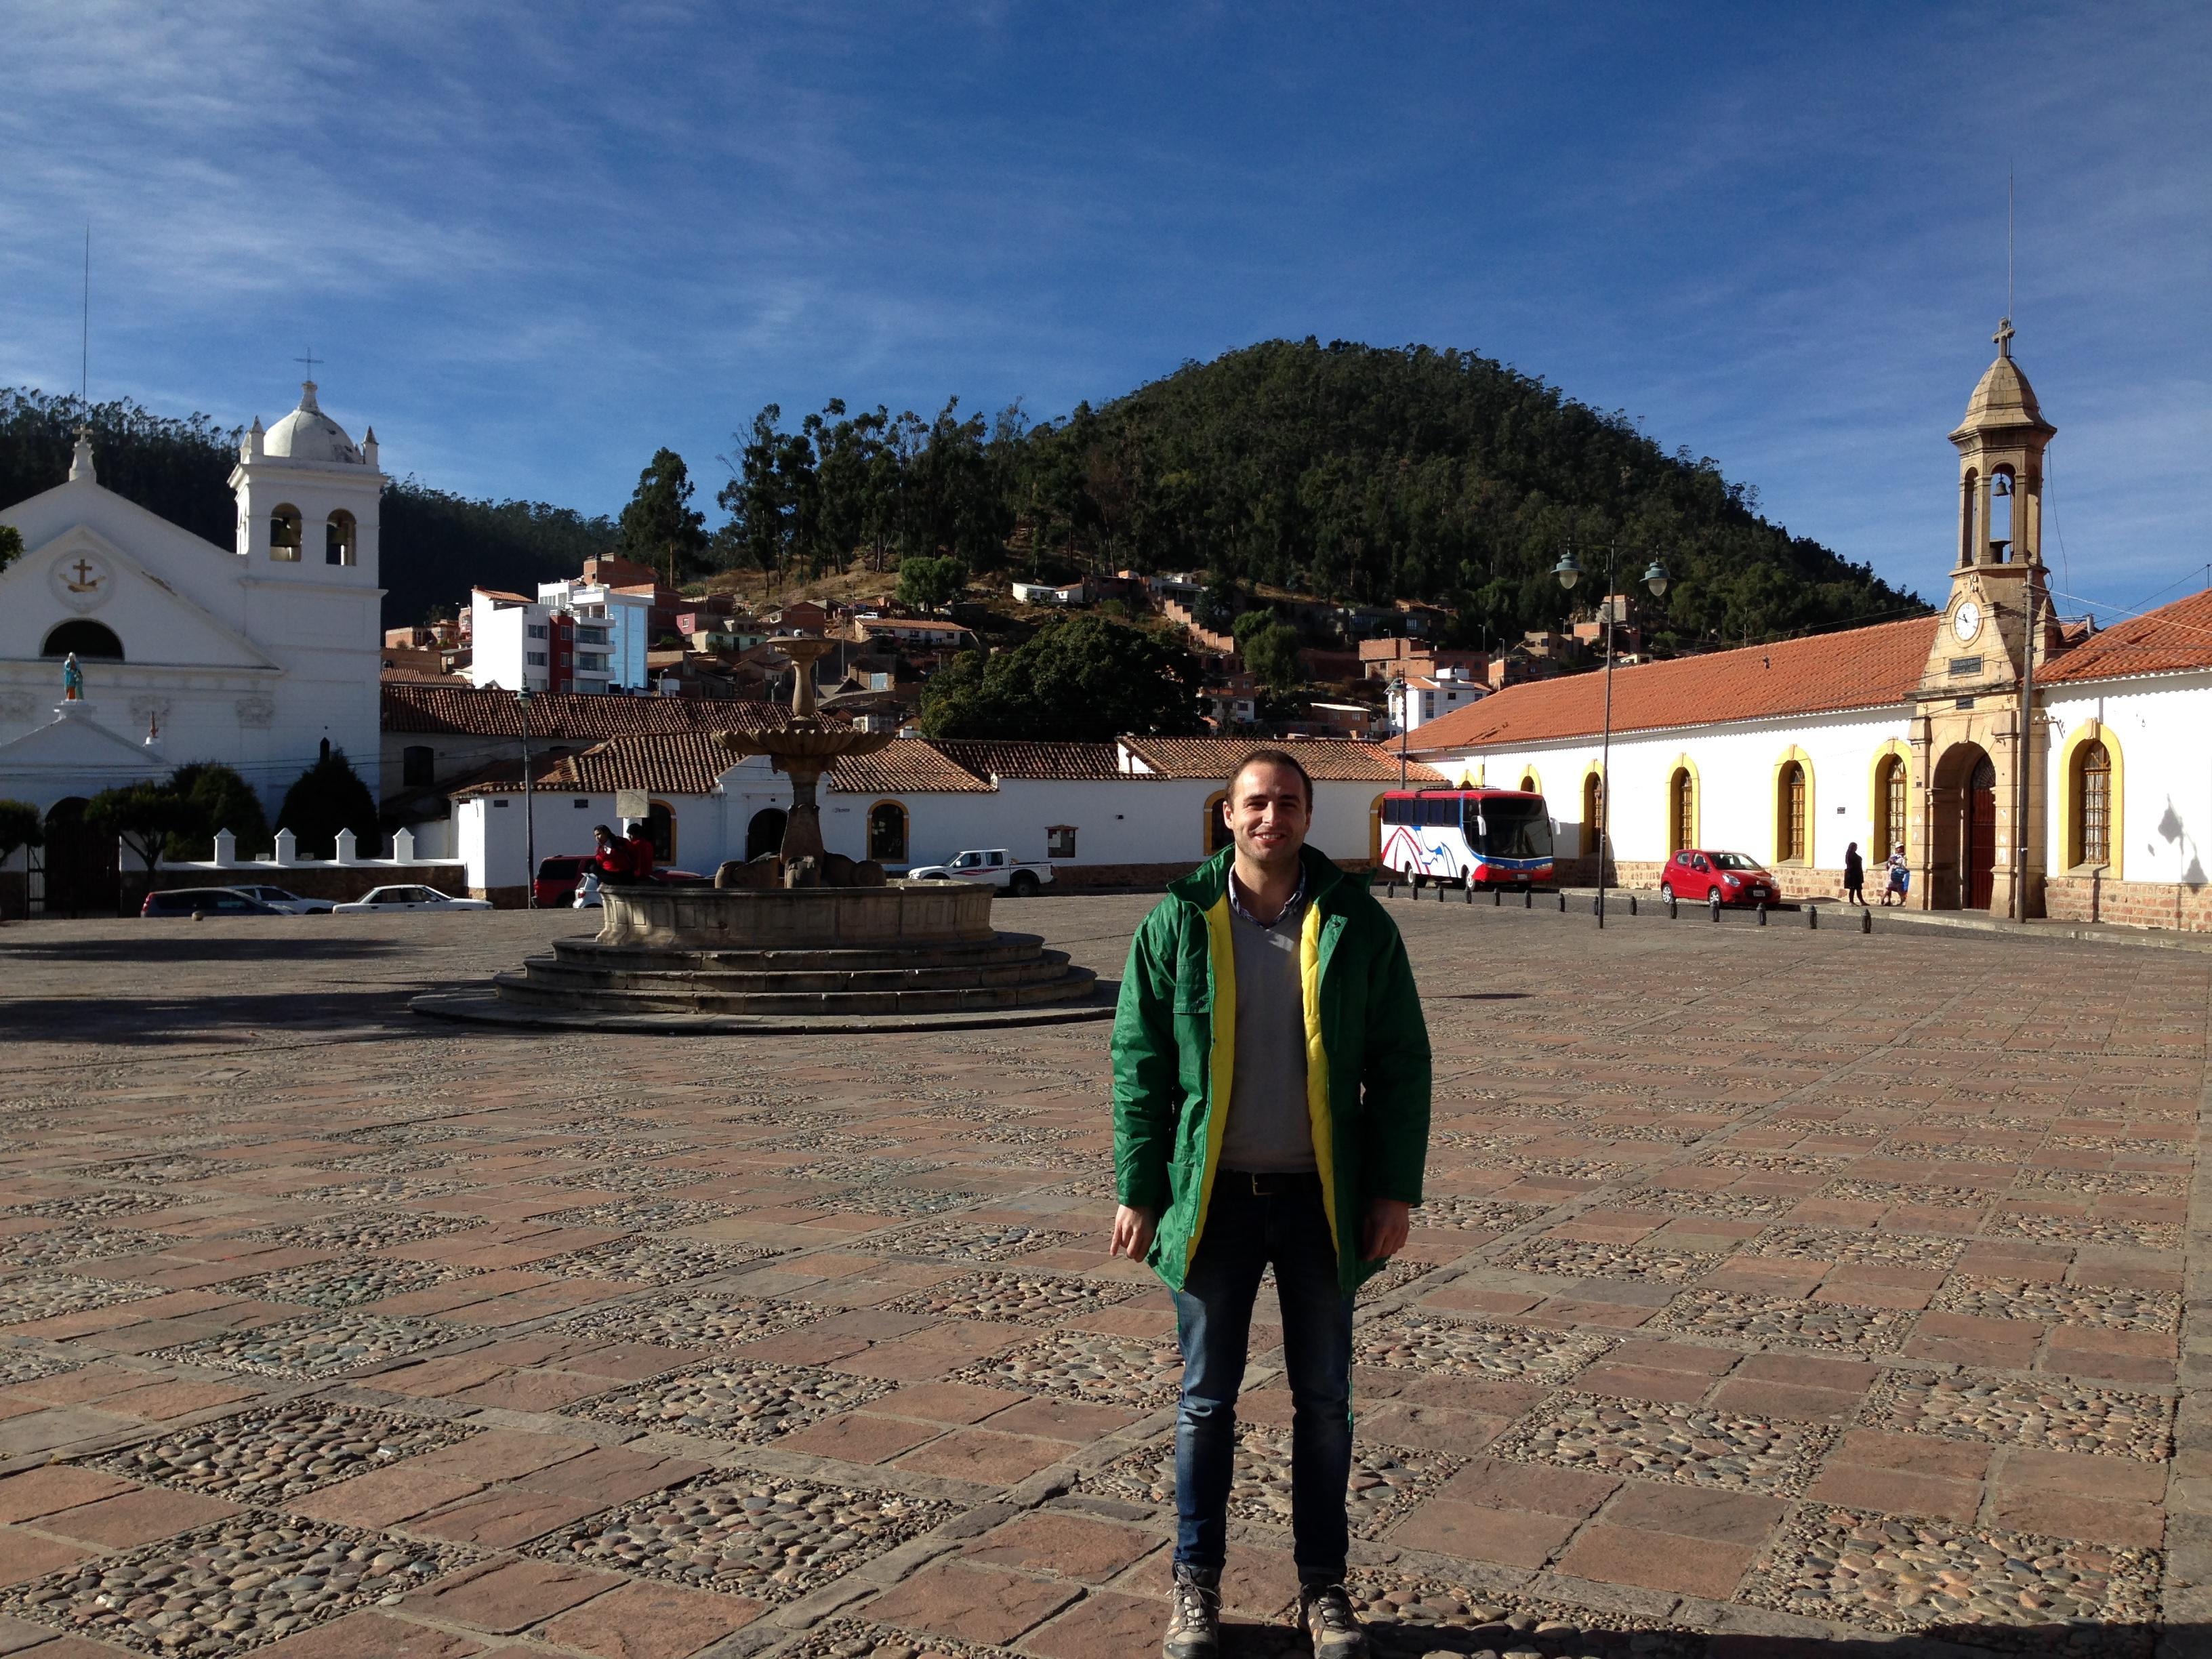 Plaza típica de Sucre